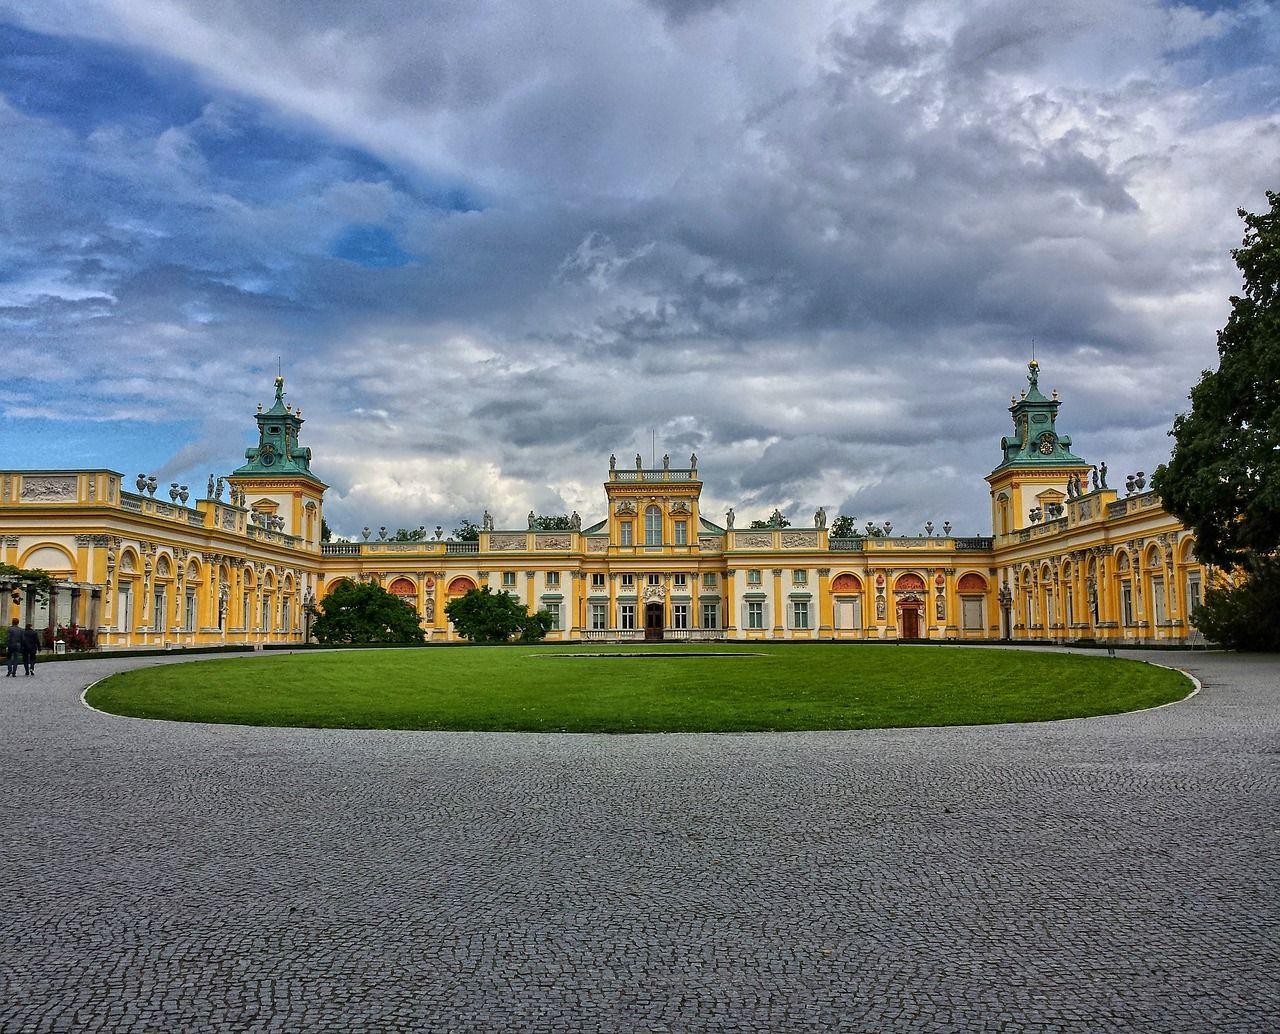 Architektoniczne perełki w Polsce – miejsca warte zobaczenia